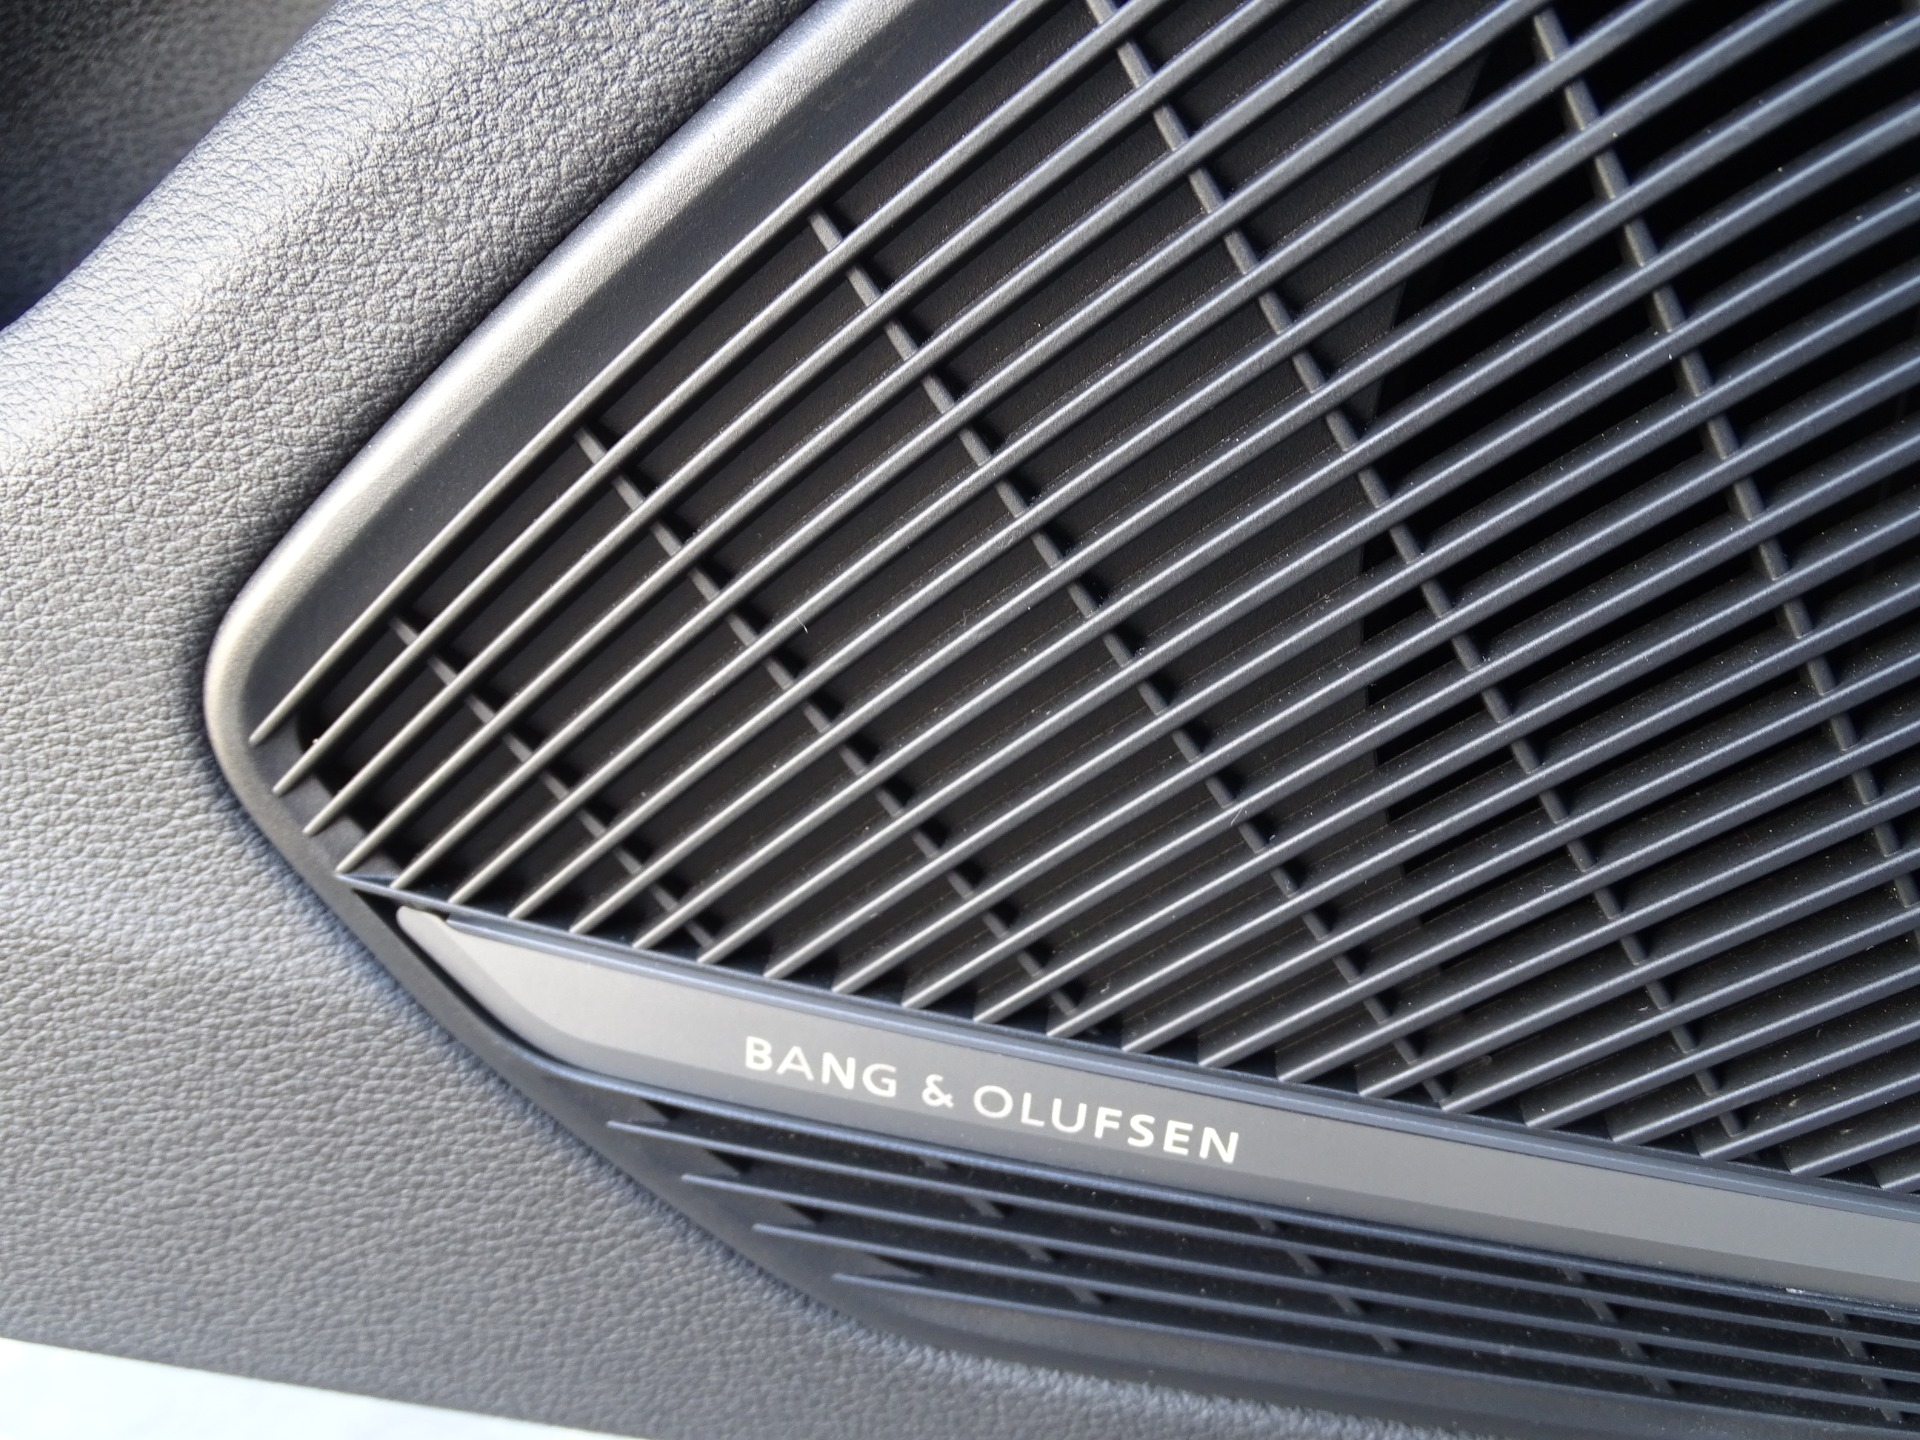 Used-2019-Audi-RS-5-Sportback-29T-quattro